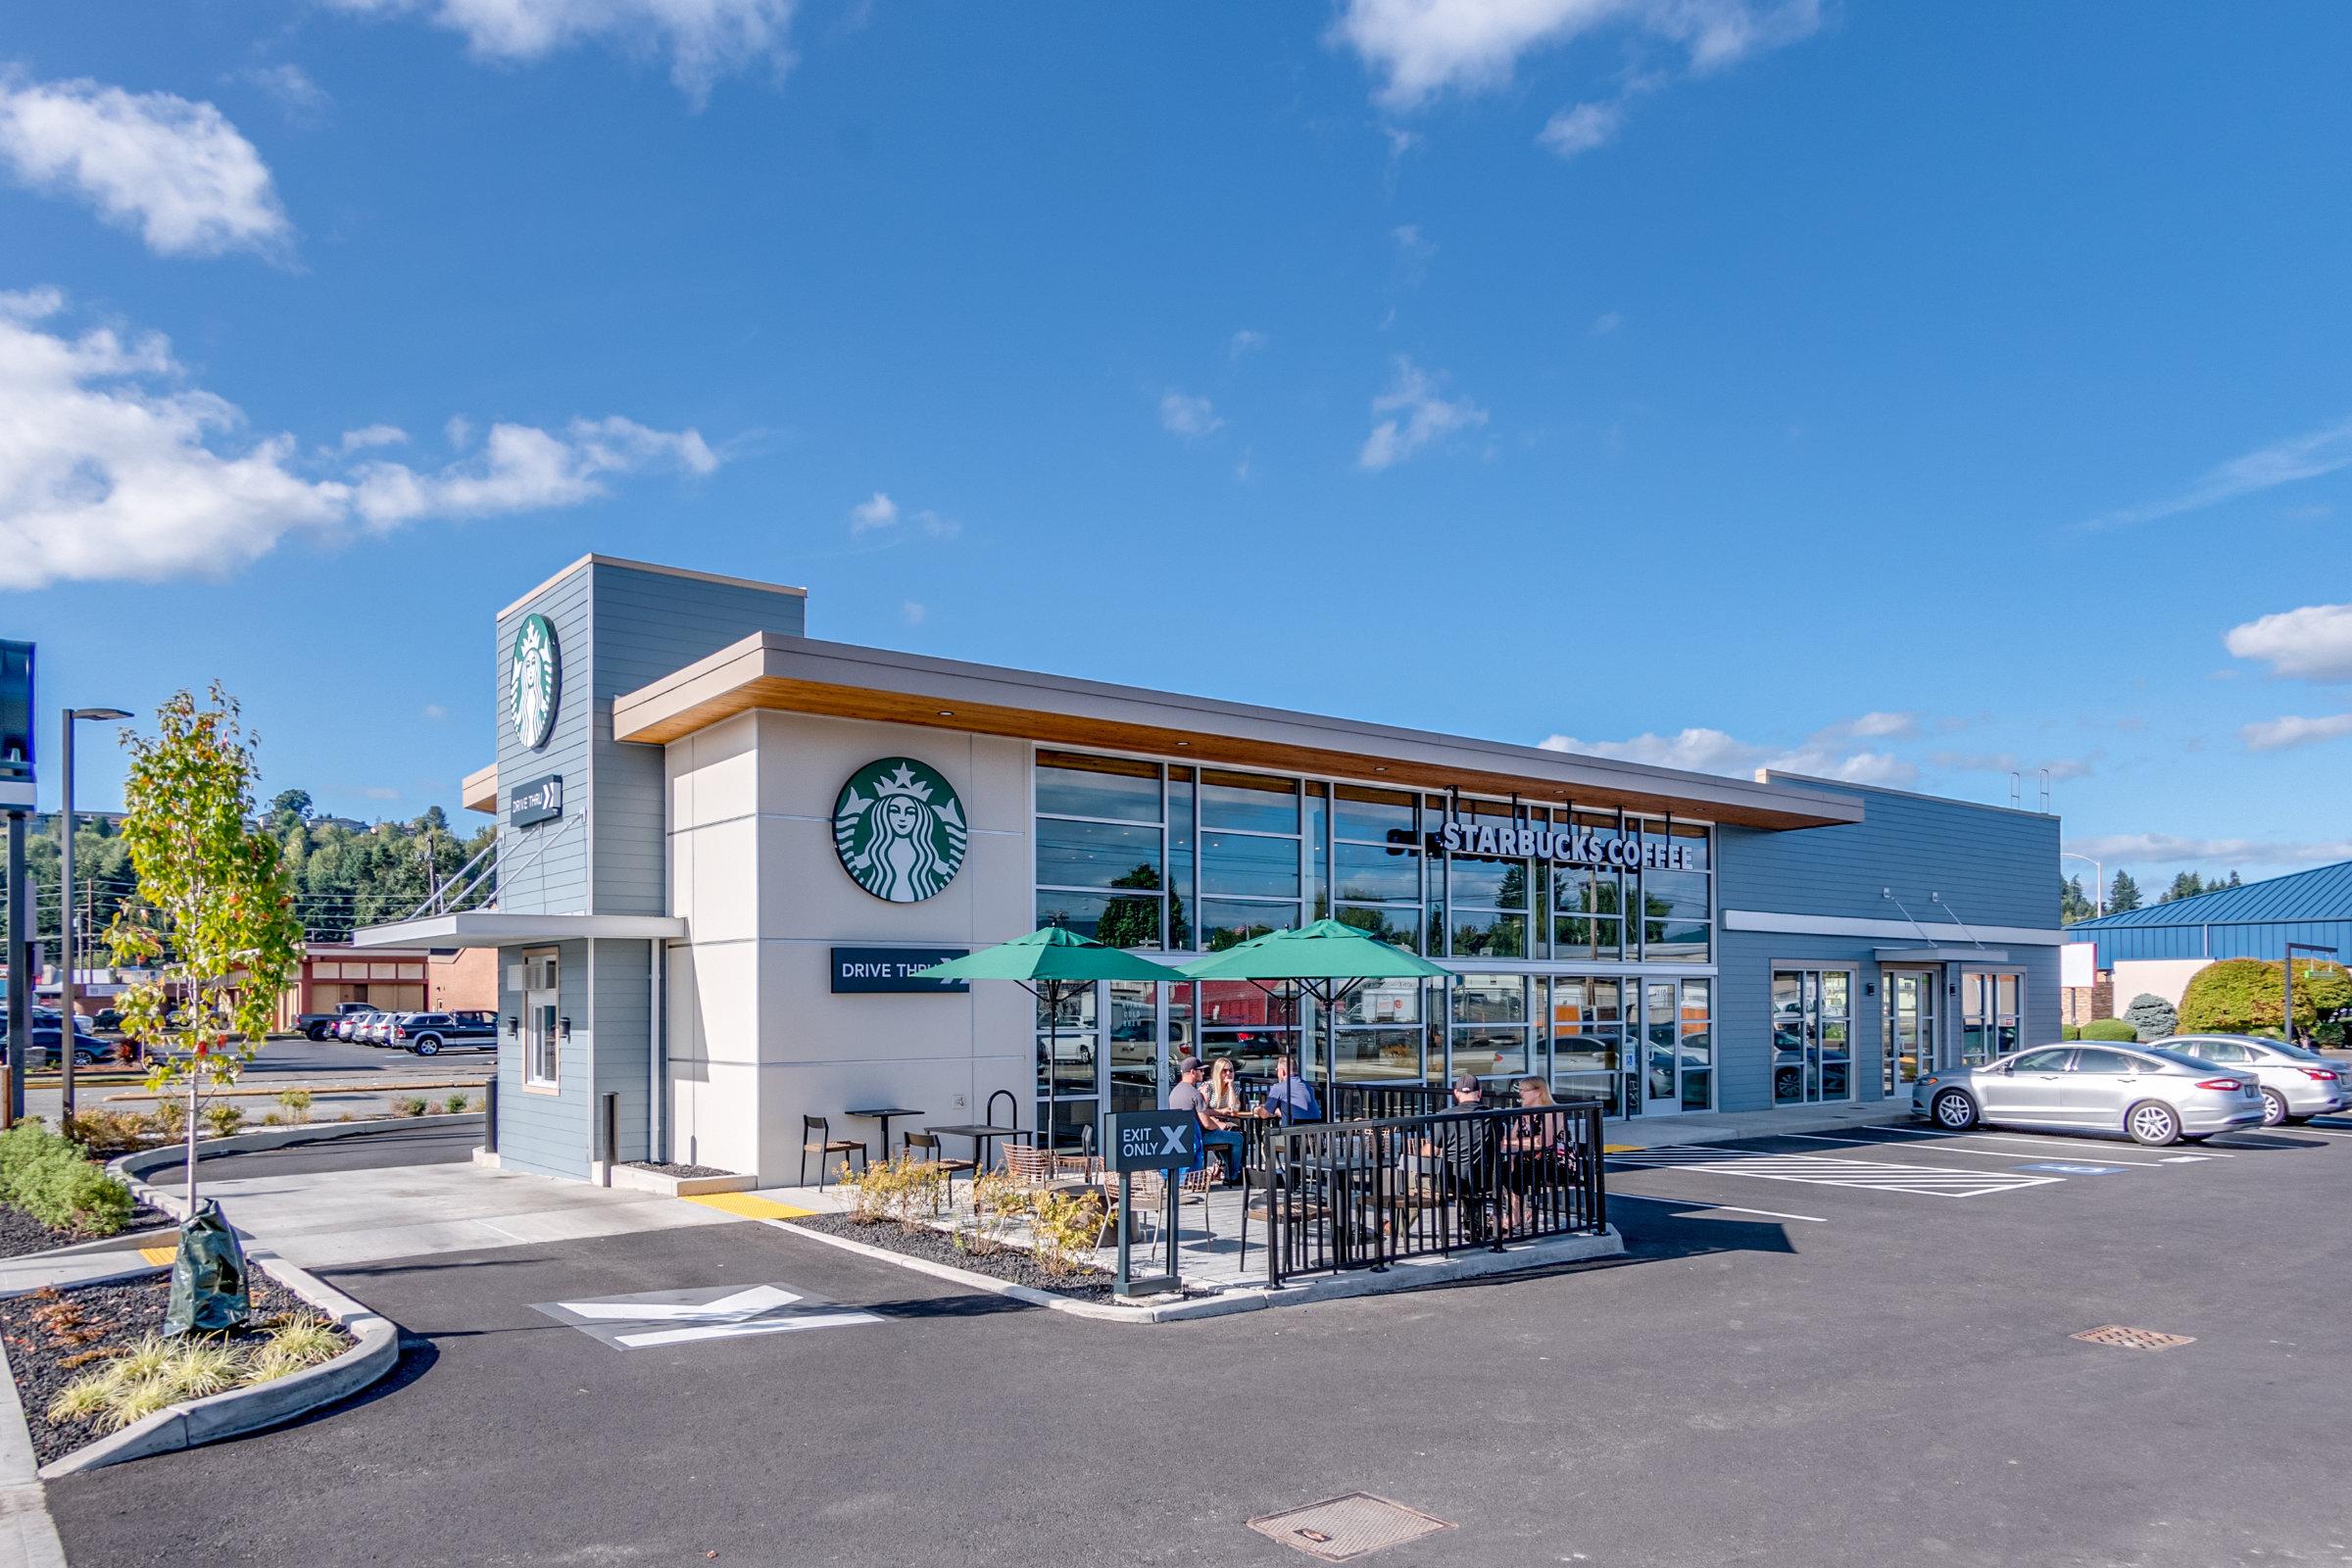 Brittell-Starbucks-WashingtonSt-006-BrokenBanjo2400.jpg